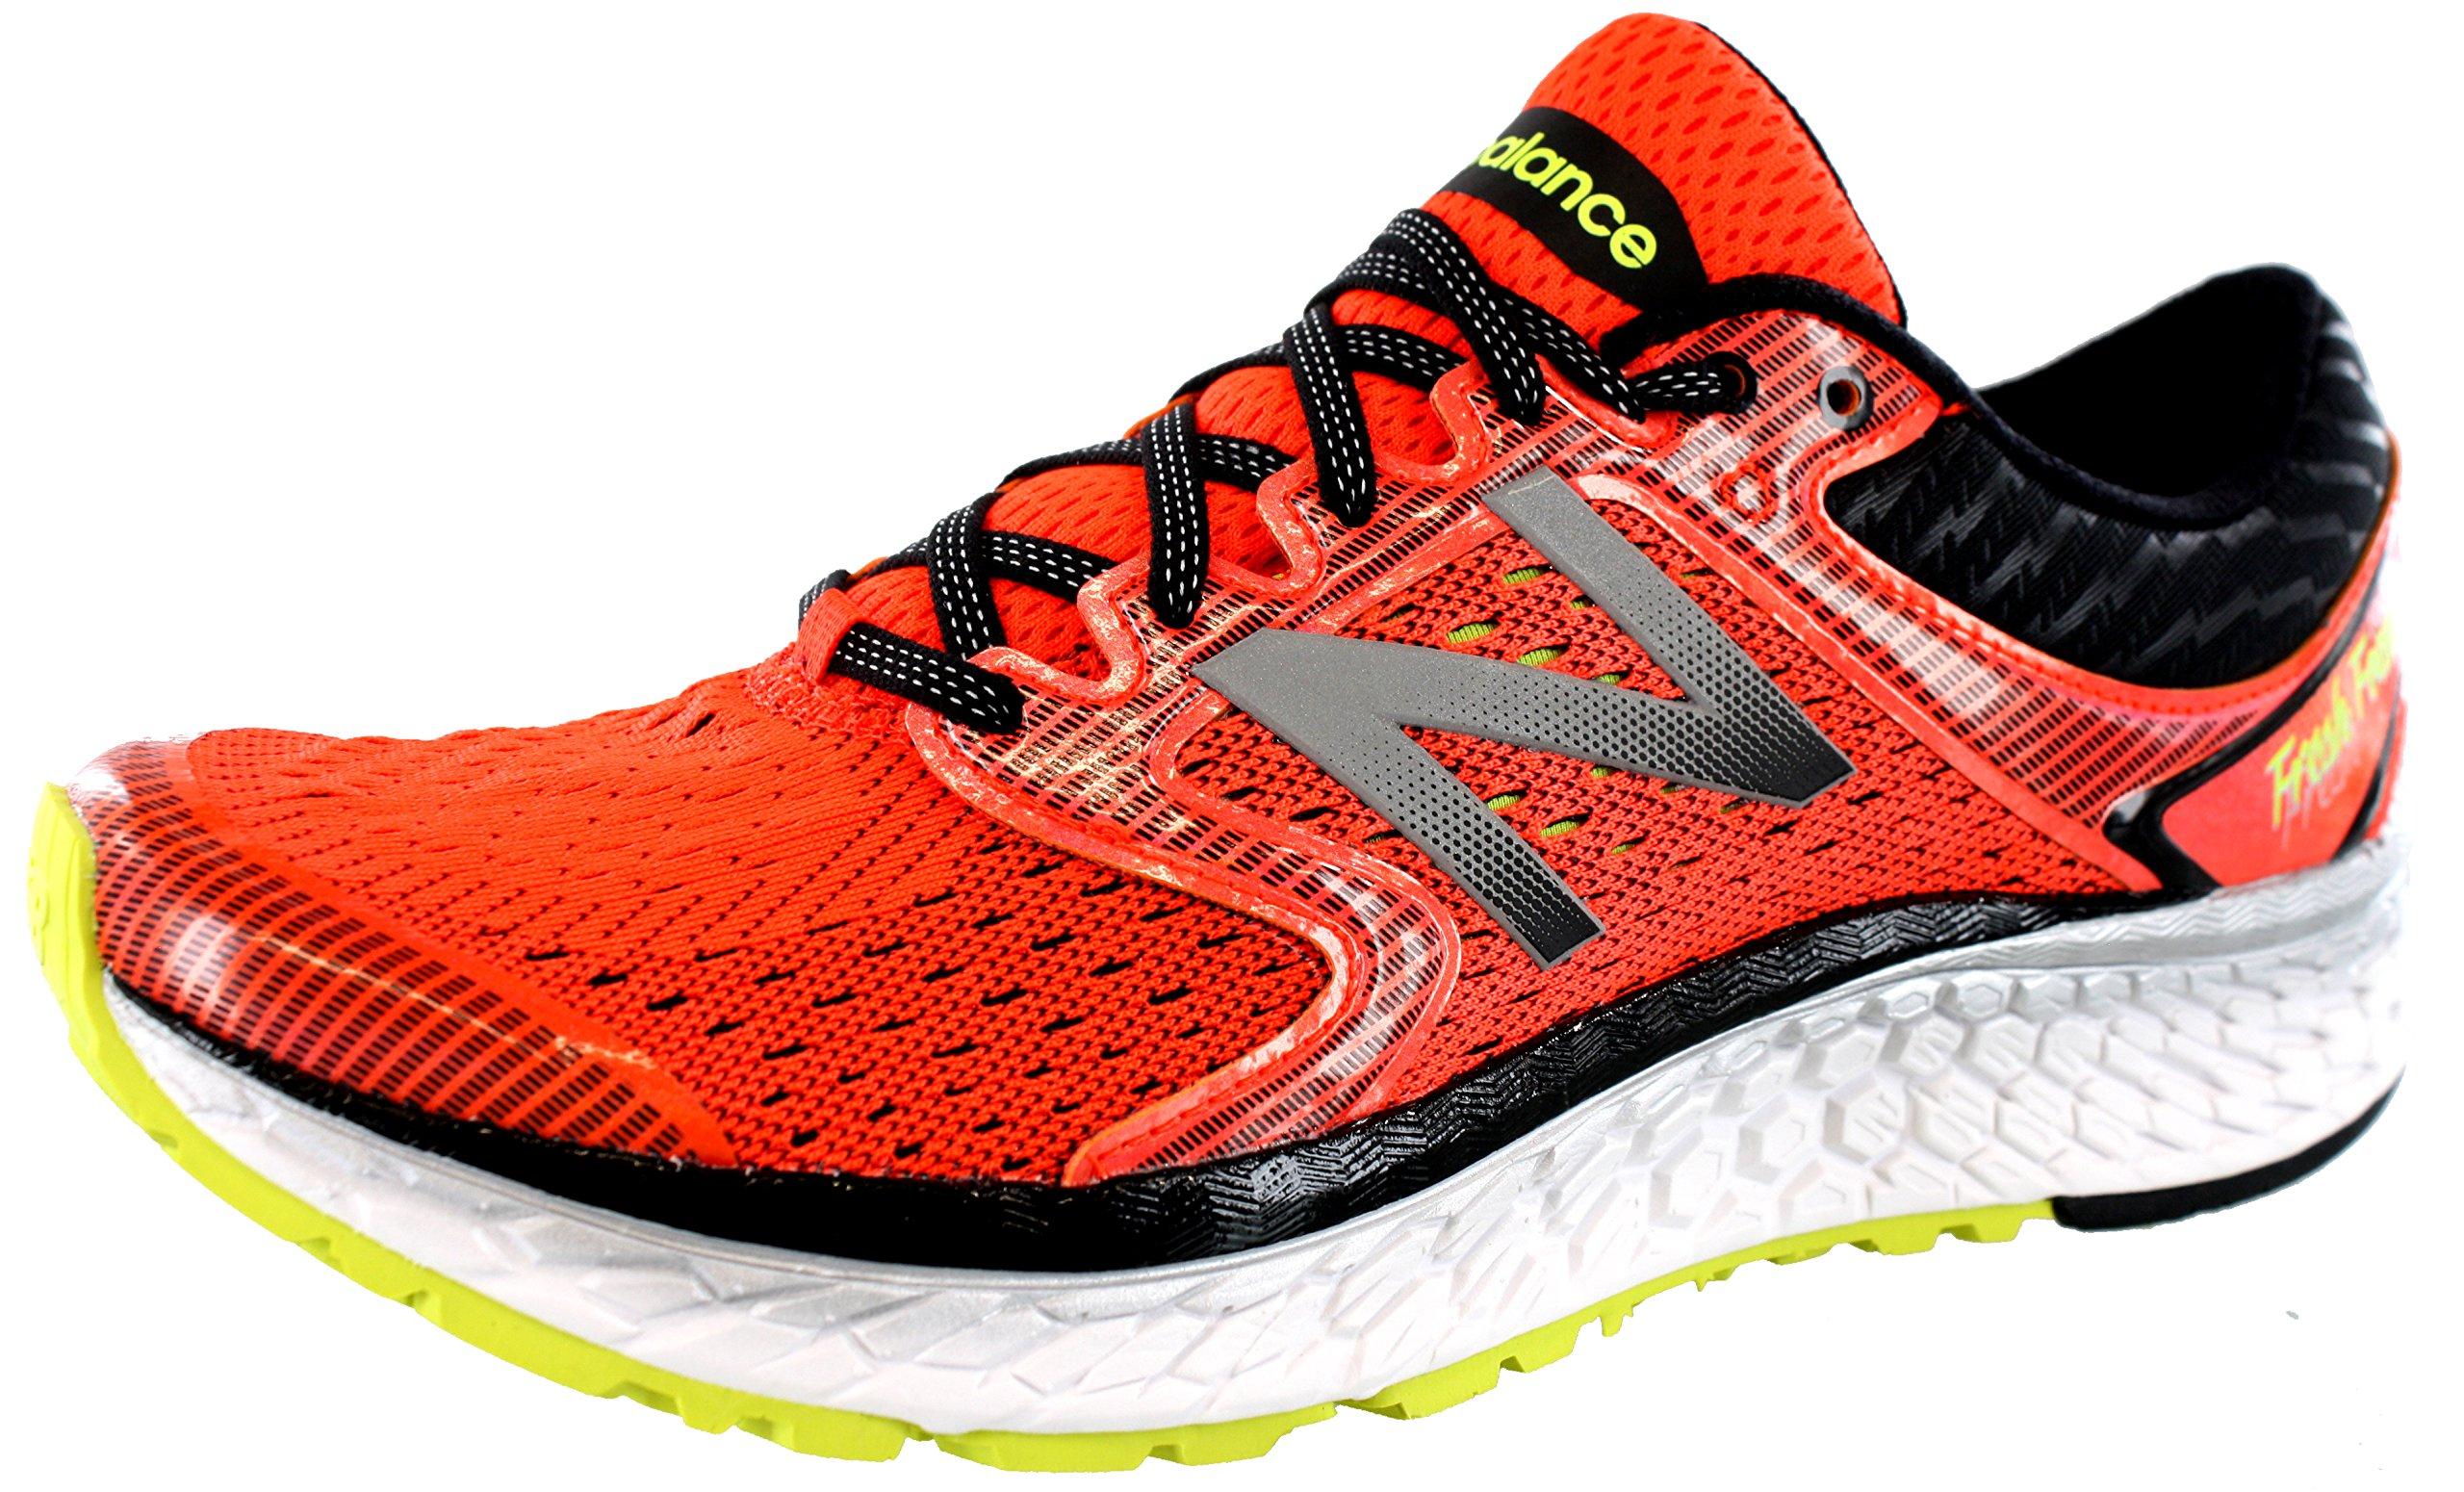 New Balance Men's M1080v7 Running Shoe, Alpha Orange/Hi Lite, 10 D US